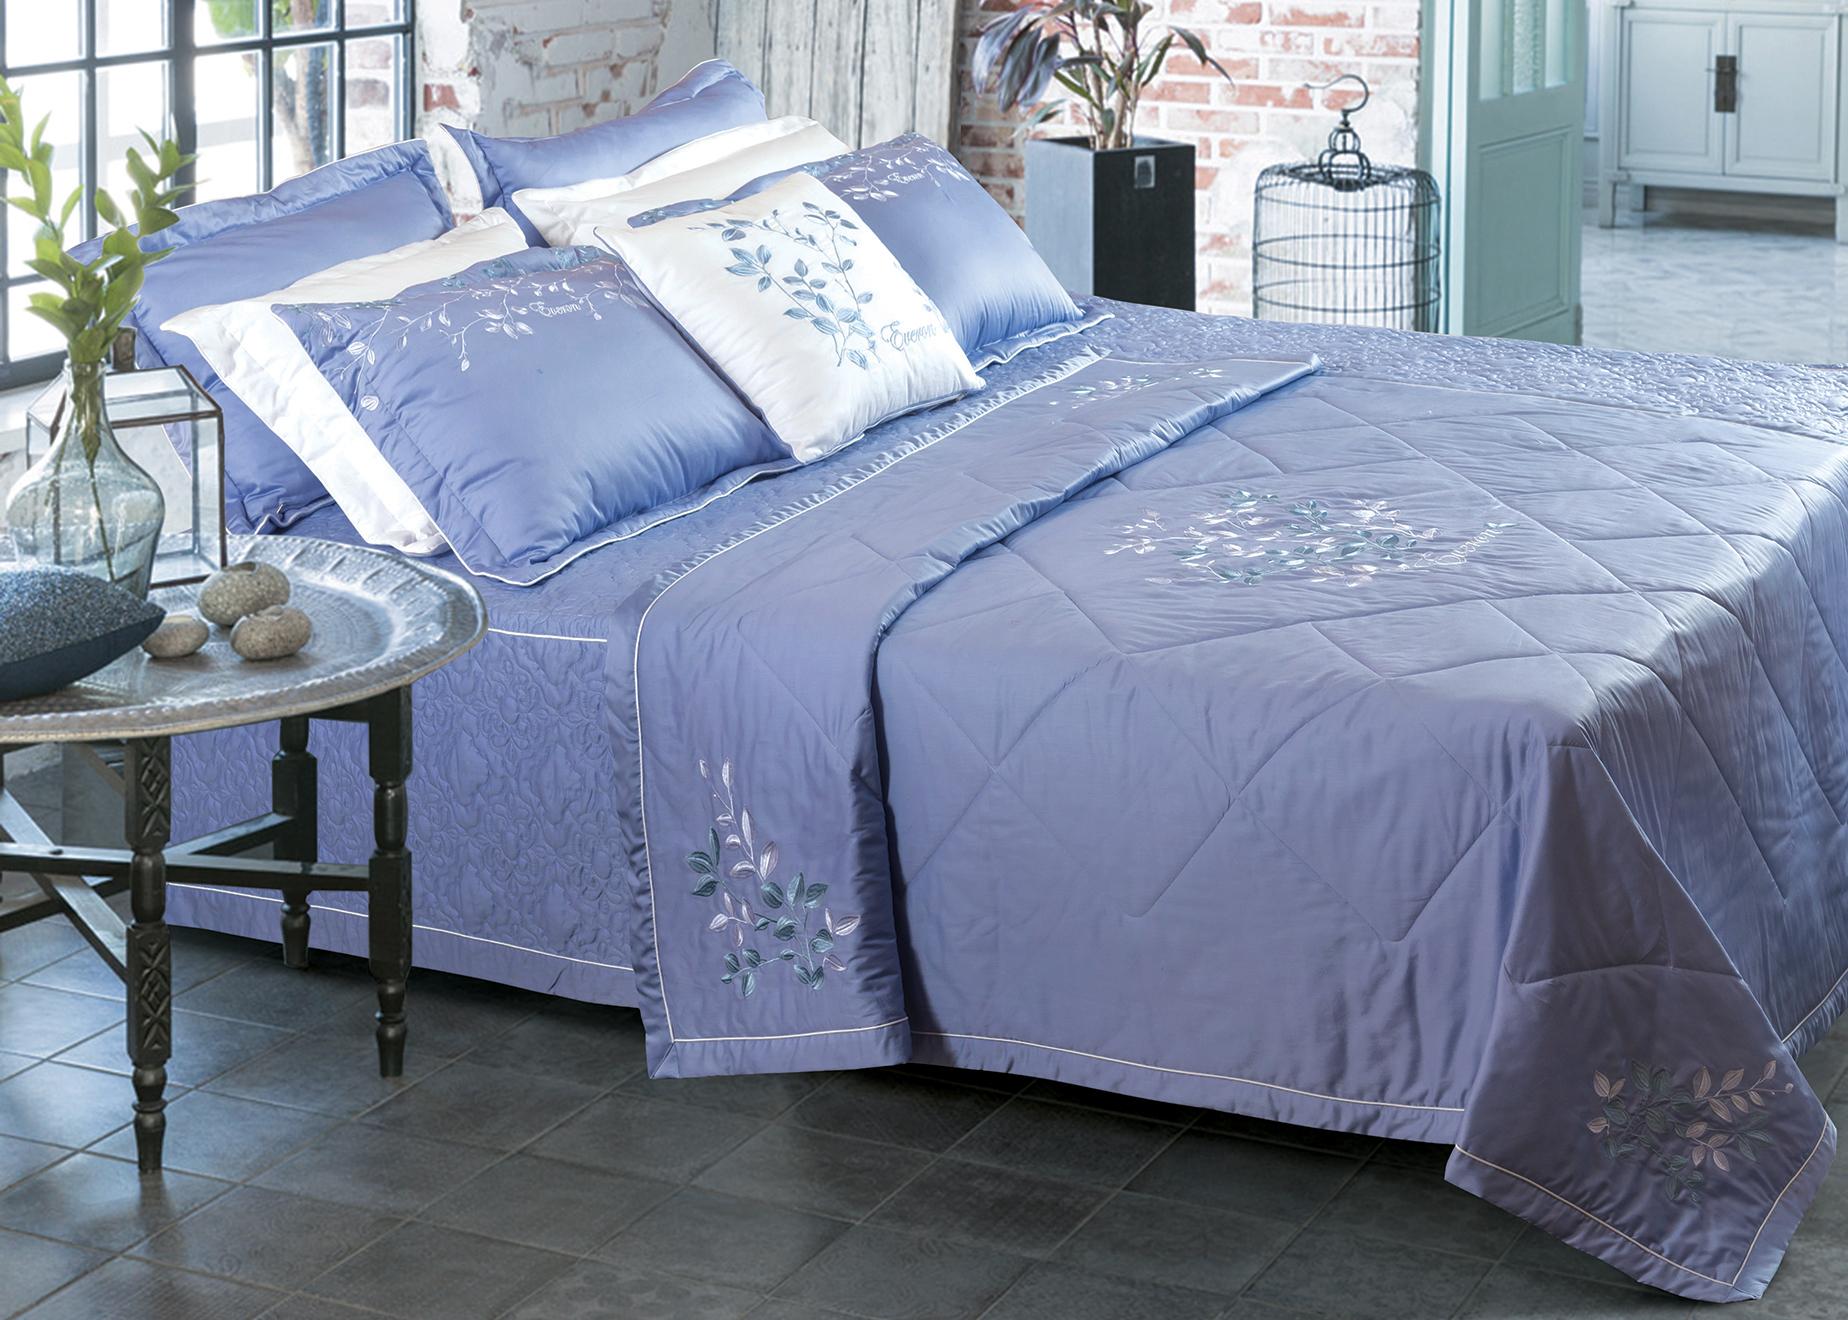 ESC19001 thuộc bộ sưu tập 2019:Lấy ý tưởng từ cành lá trong mùa đông thêu trên nền vải xanh tím sẽ giúp cho phòng ngủ của bạn cảm giác trong lành và bình yên.